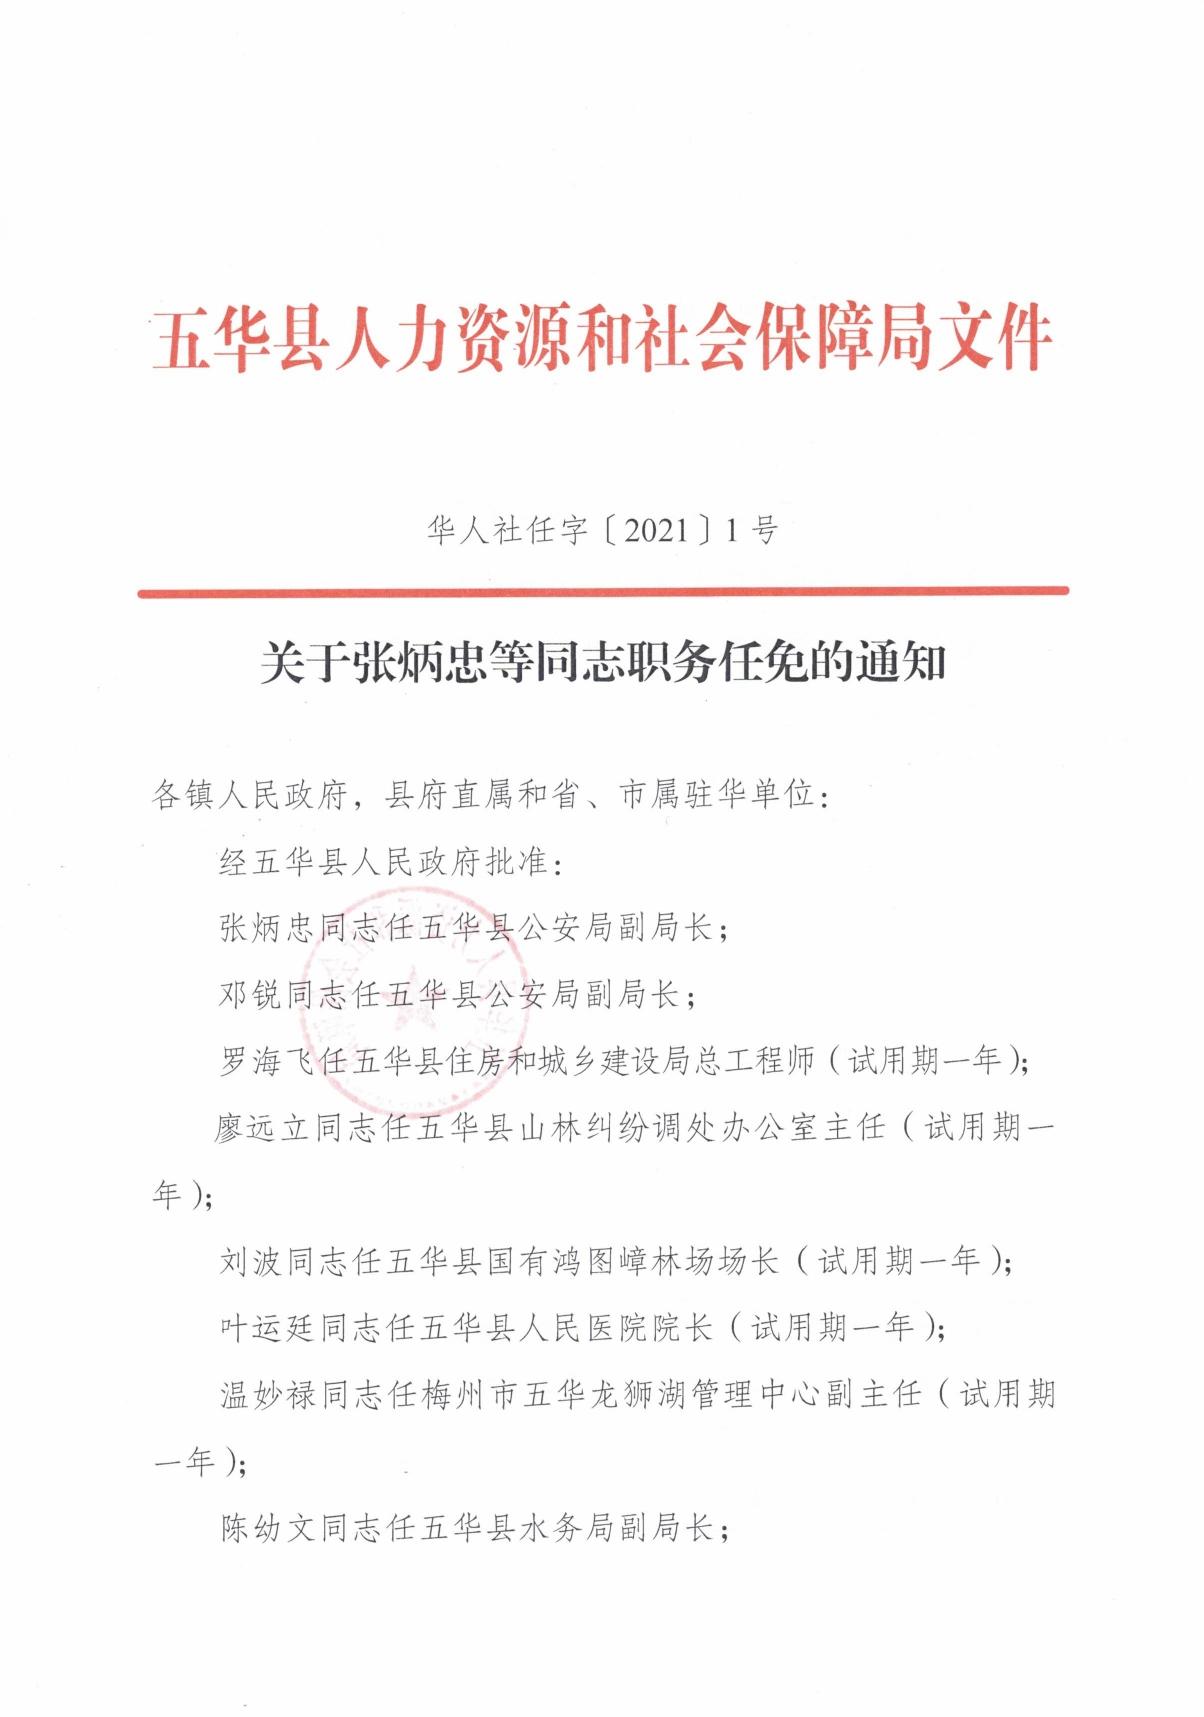 华人社任字【2021】1号0000.jpg